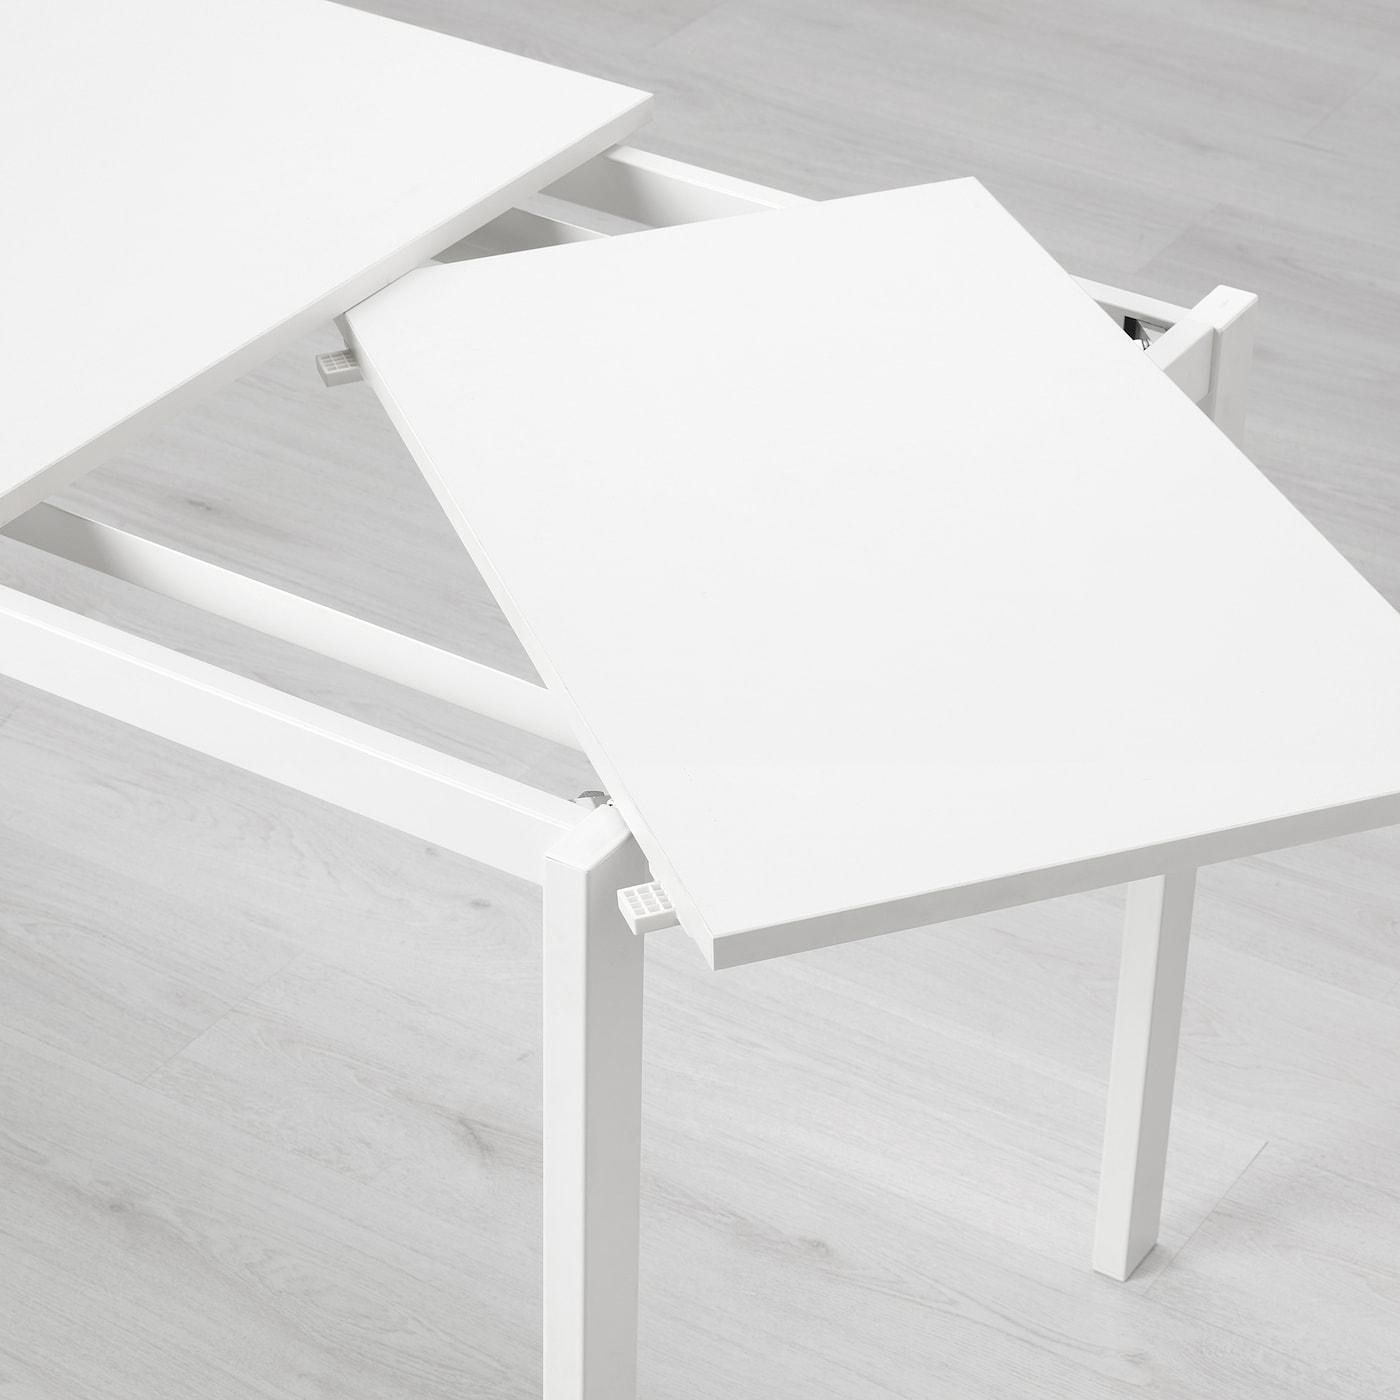 Tavolo Ikea Bianco E Legno Allungabile